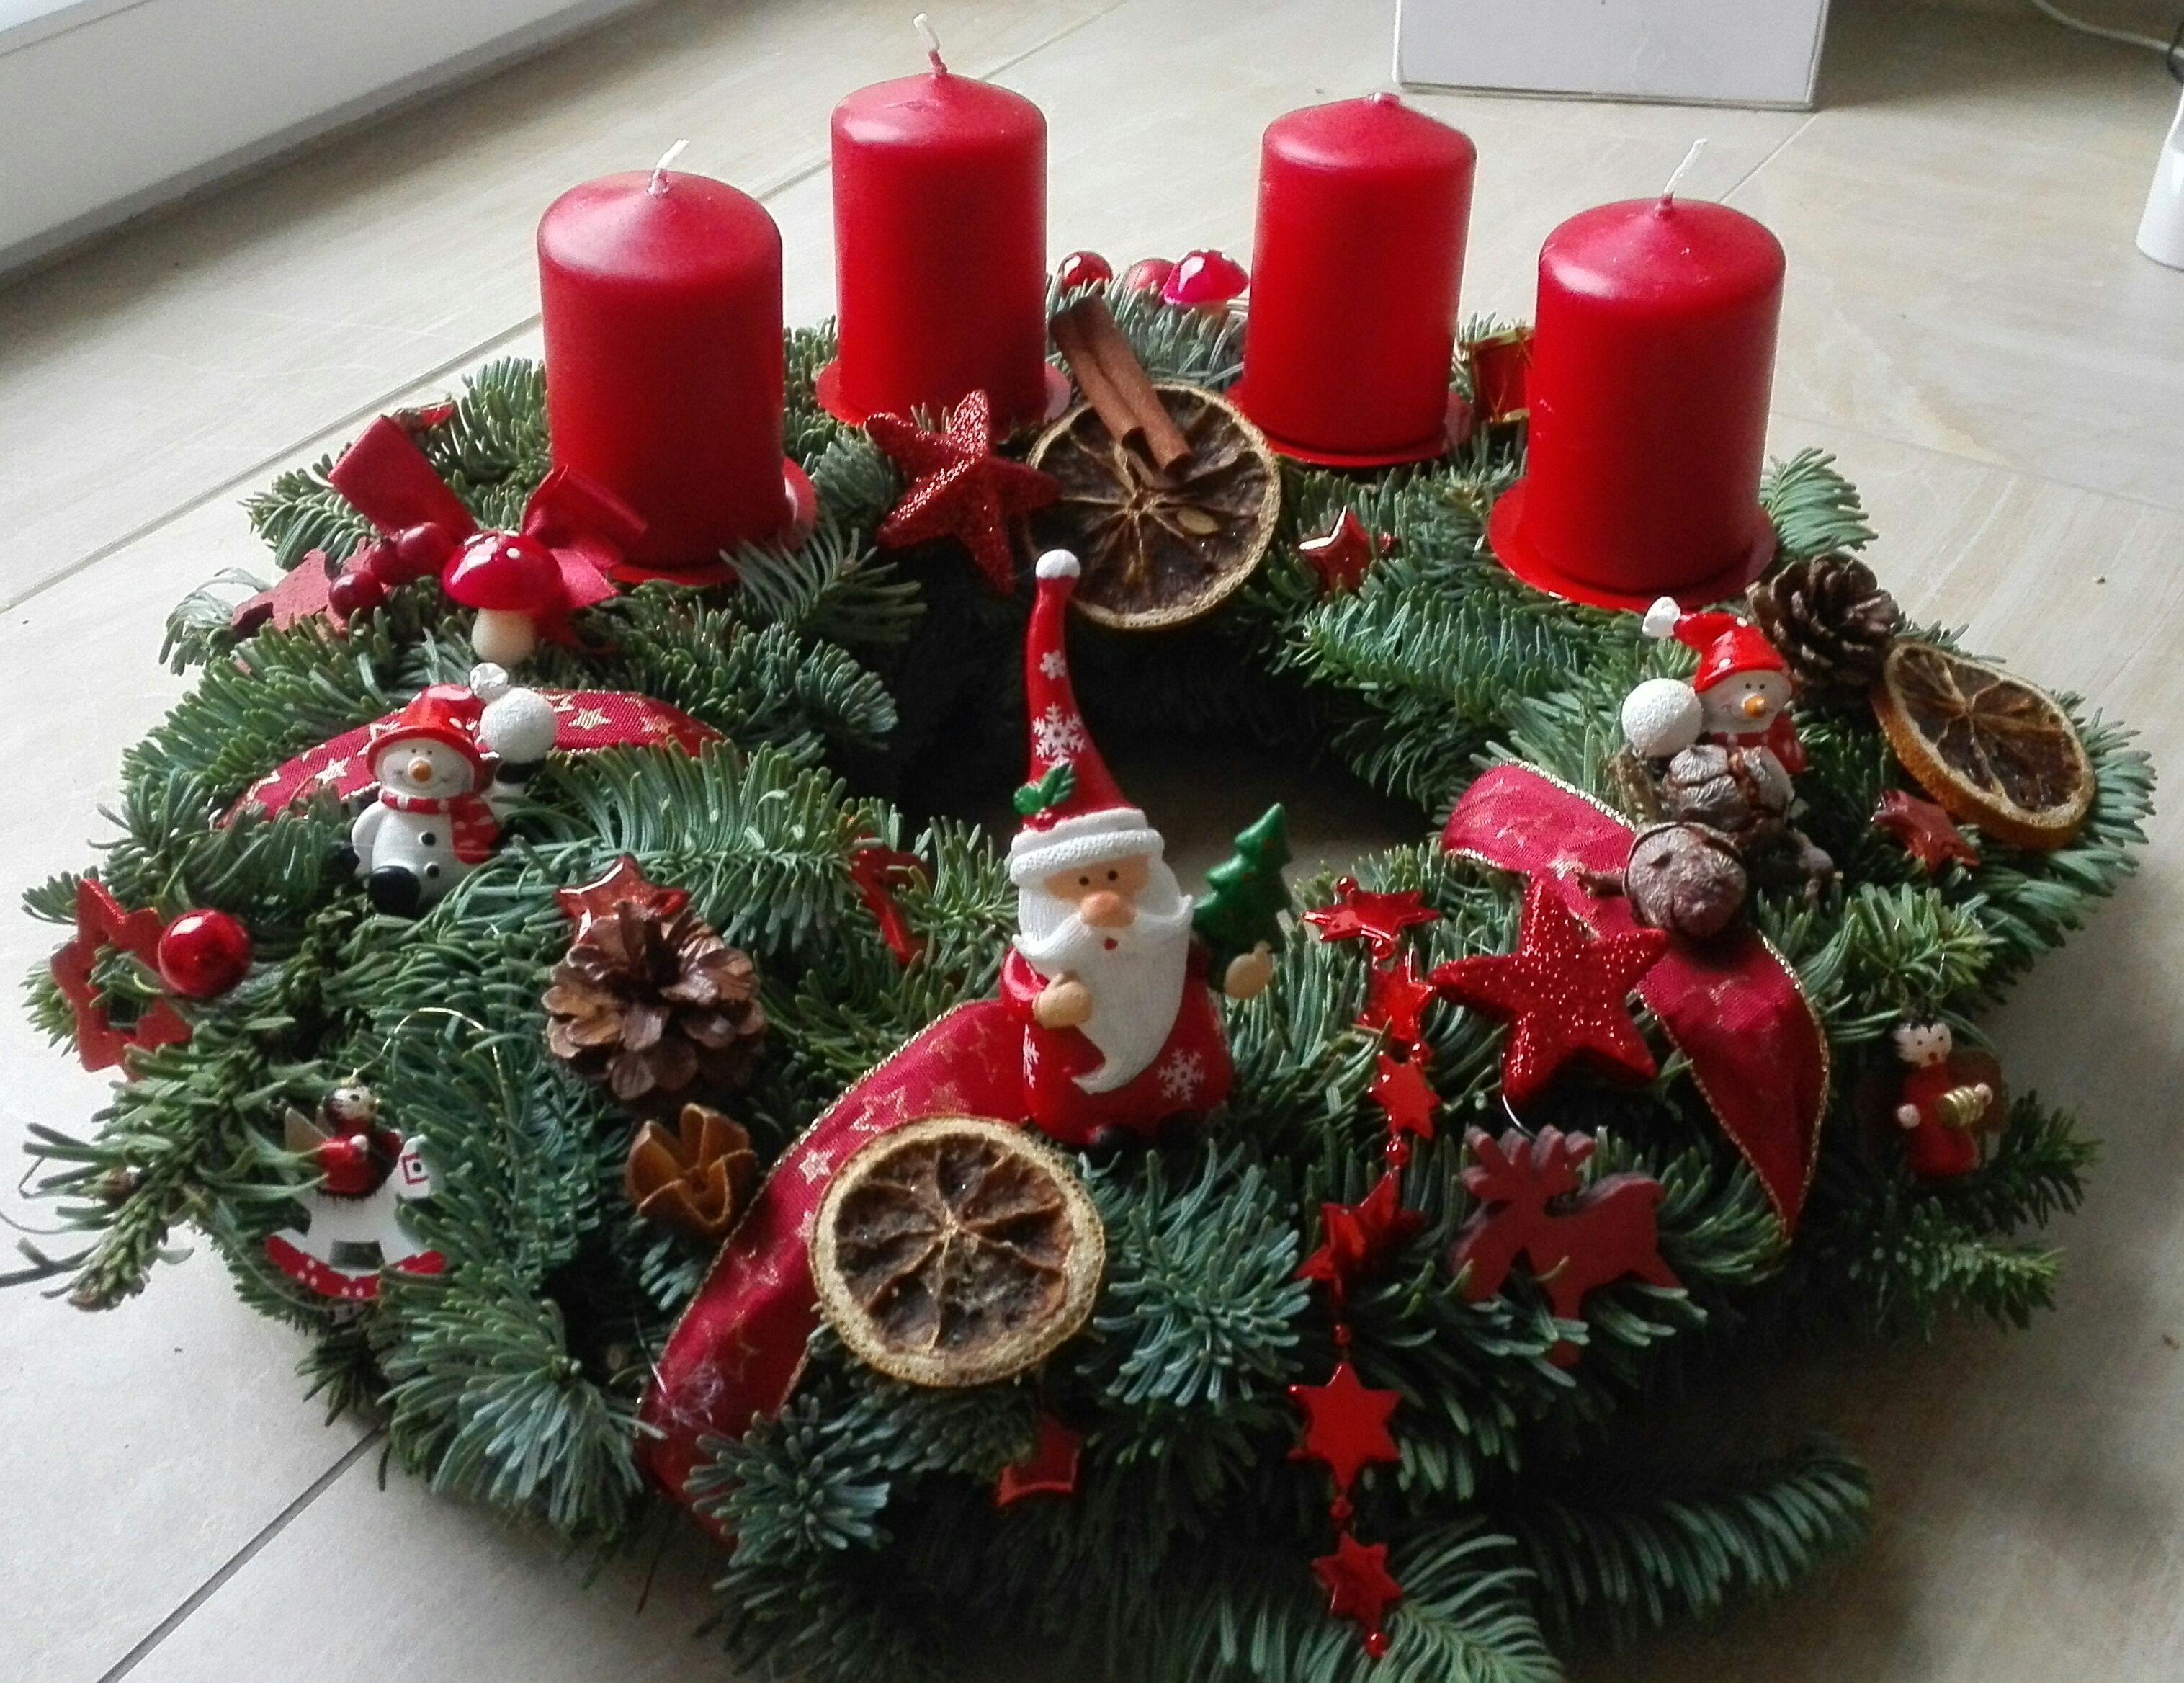 Adventskranz Deko adventskranz weihnachtskranz advent deko kleine schneemänner